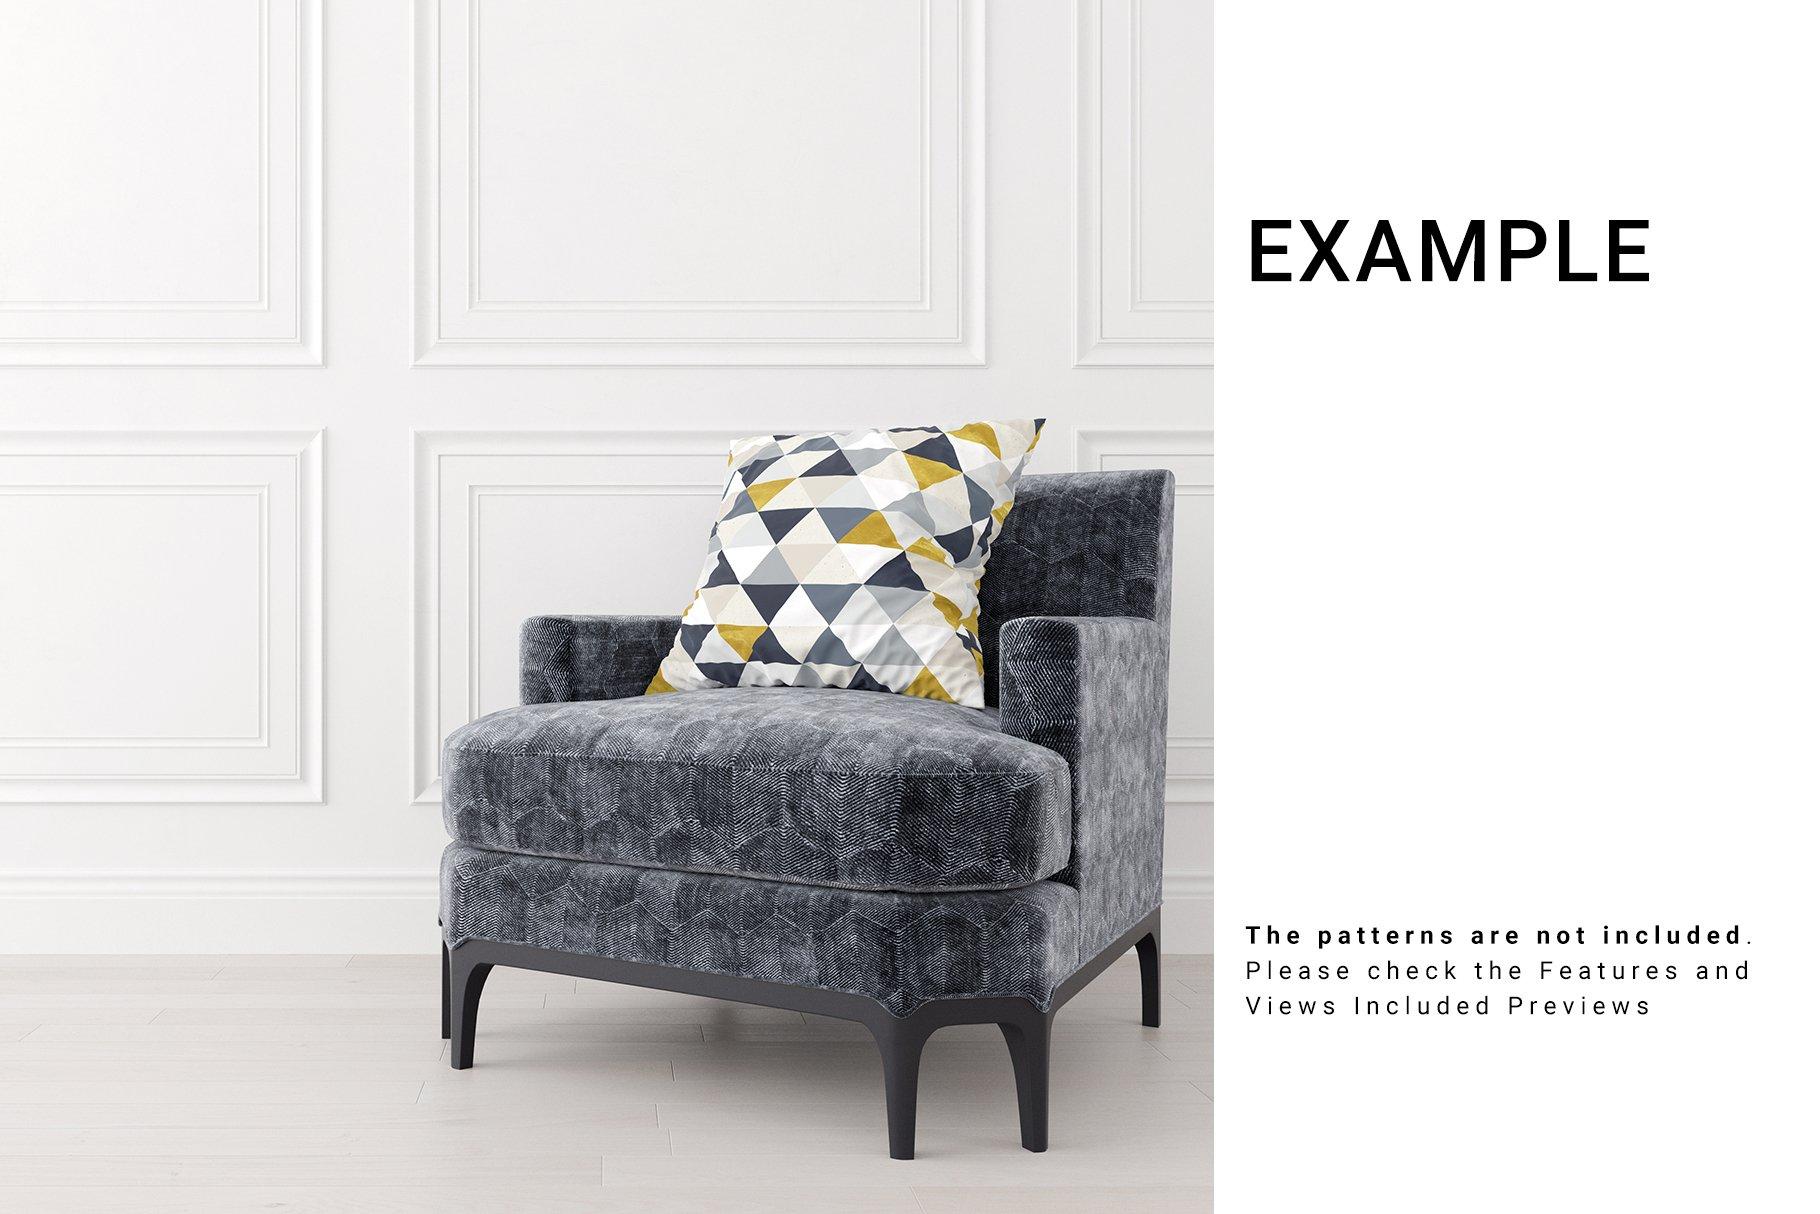 Luxury Interior Throw Pillows Set example image 9